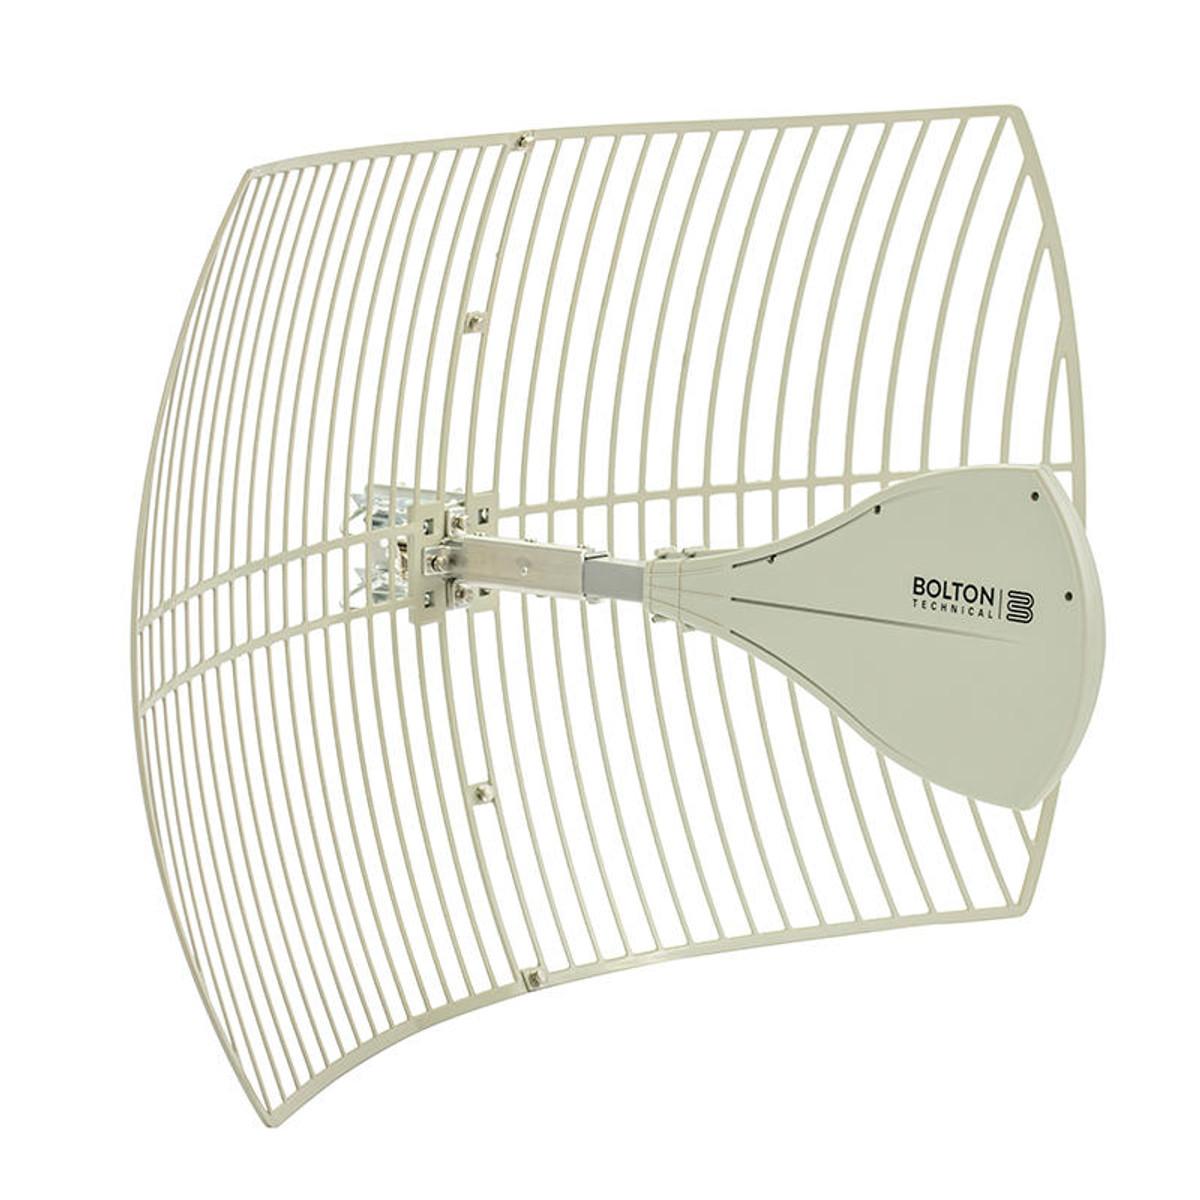 Bolton Tech The Long Ranger – Ultra High Gain Parabolic Antenna – Bolton Technical